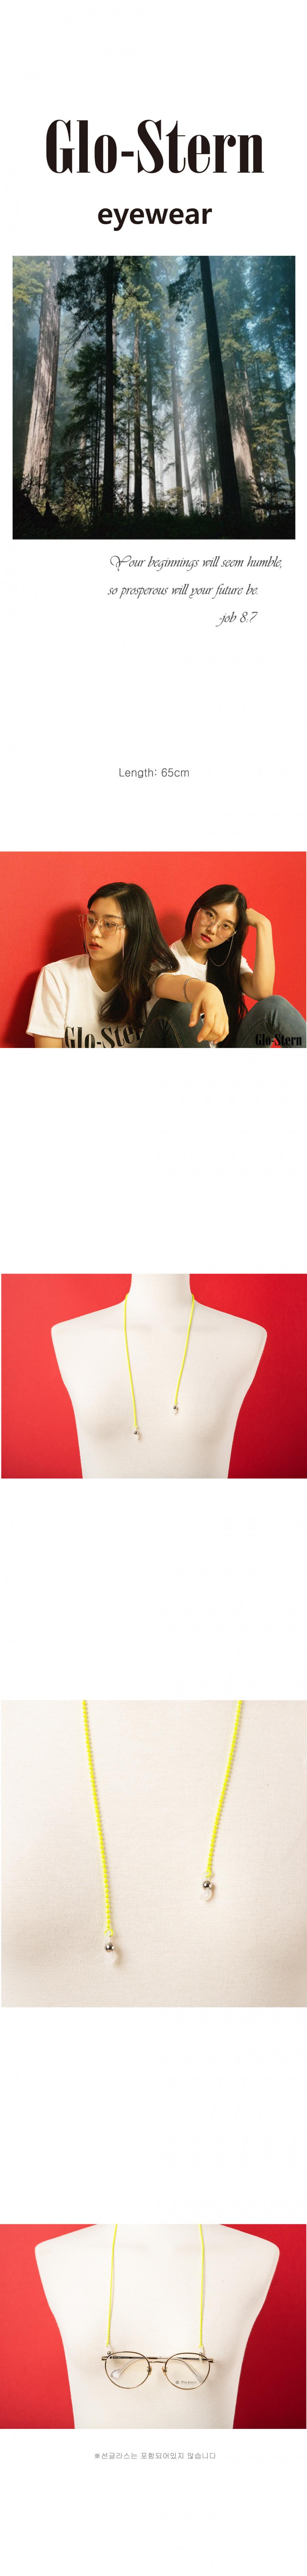 글로스턴(GLOSTERN) GS-Beads Yellow